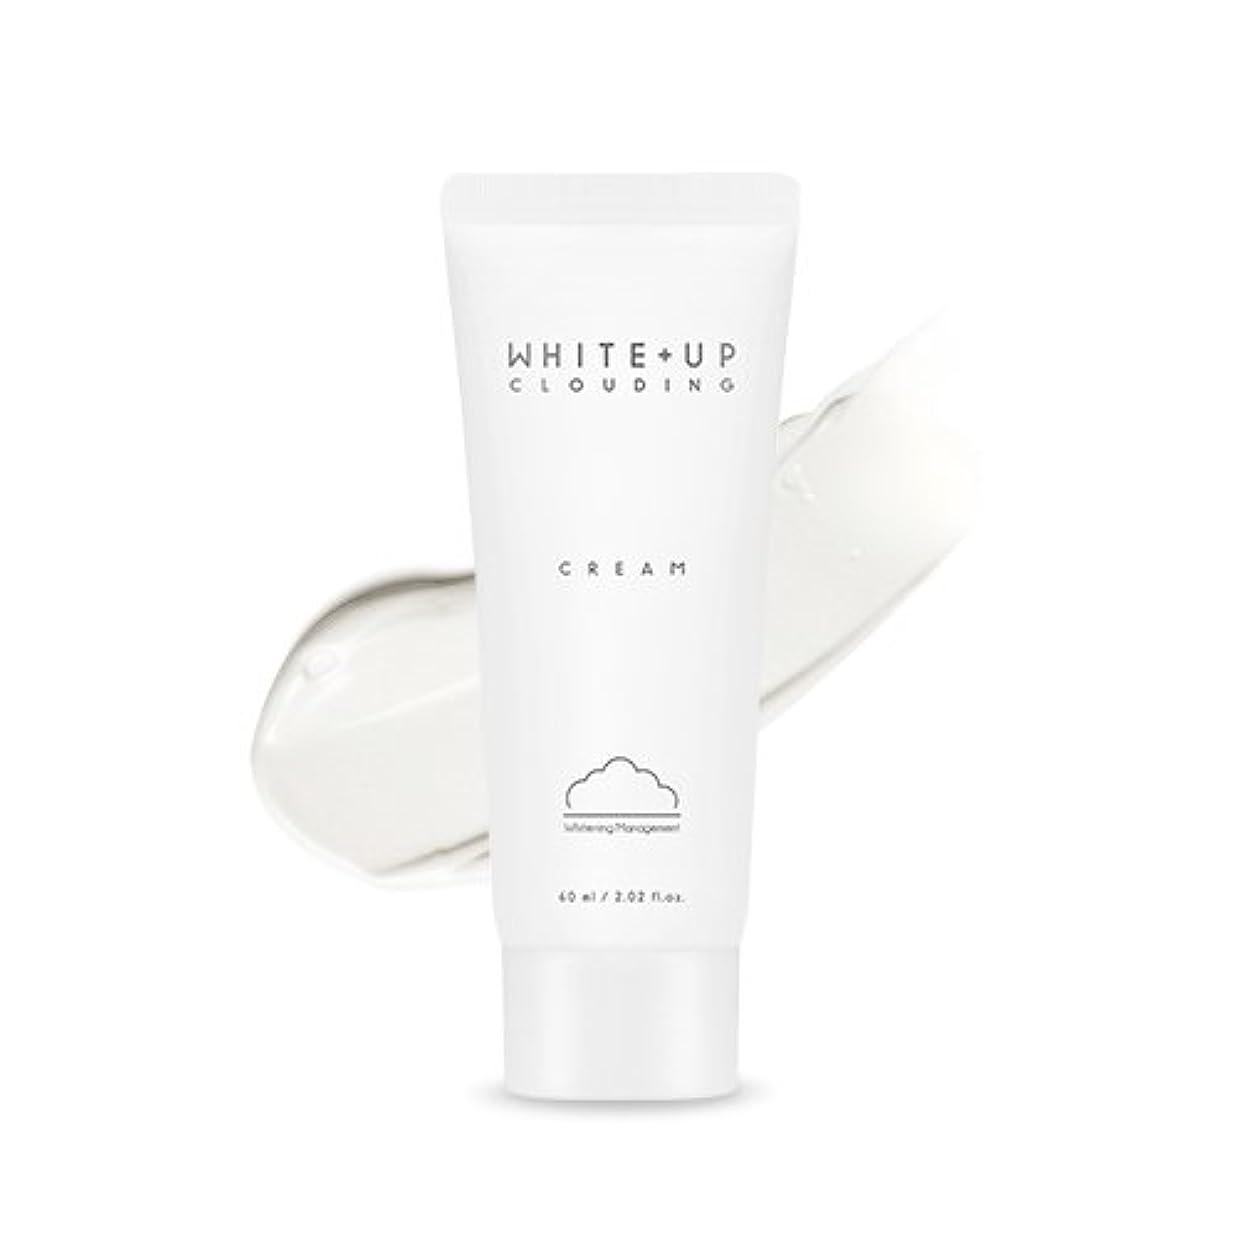 クロニクルイーウェル挑発するAPIEU (WHITE+UP) Clouding Cream/アピュ ホワイトアップクラウドディングクリーム 60ml [並行輸入品]